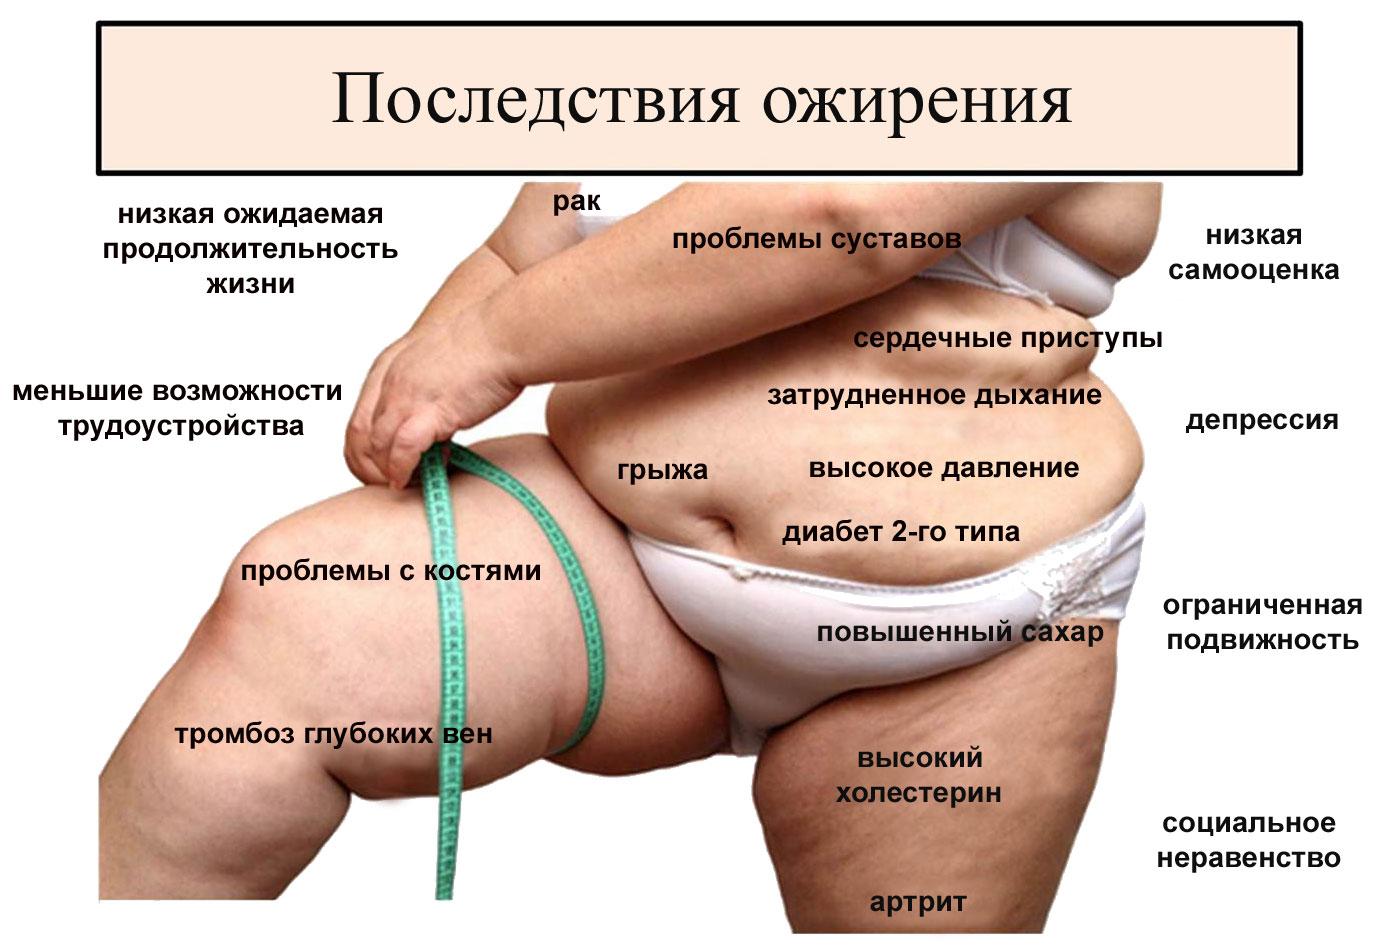 Степени ожирения у мужчин и женщин и рекомендации врача по лечению